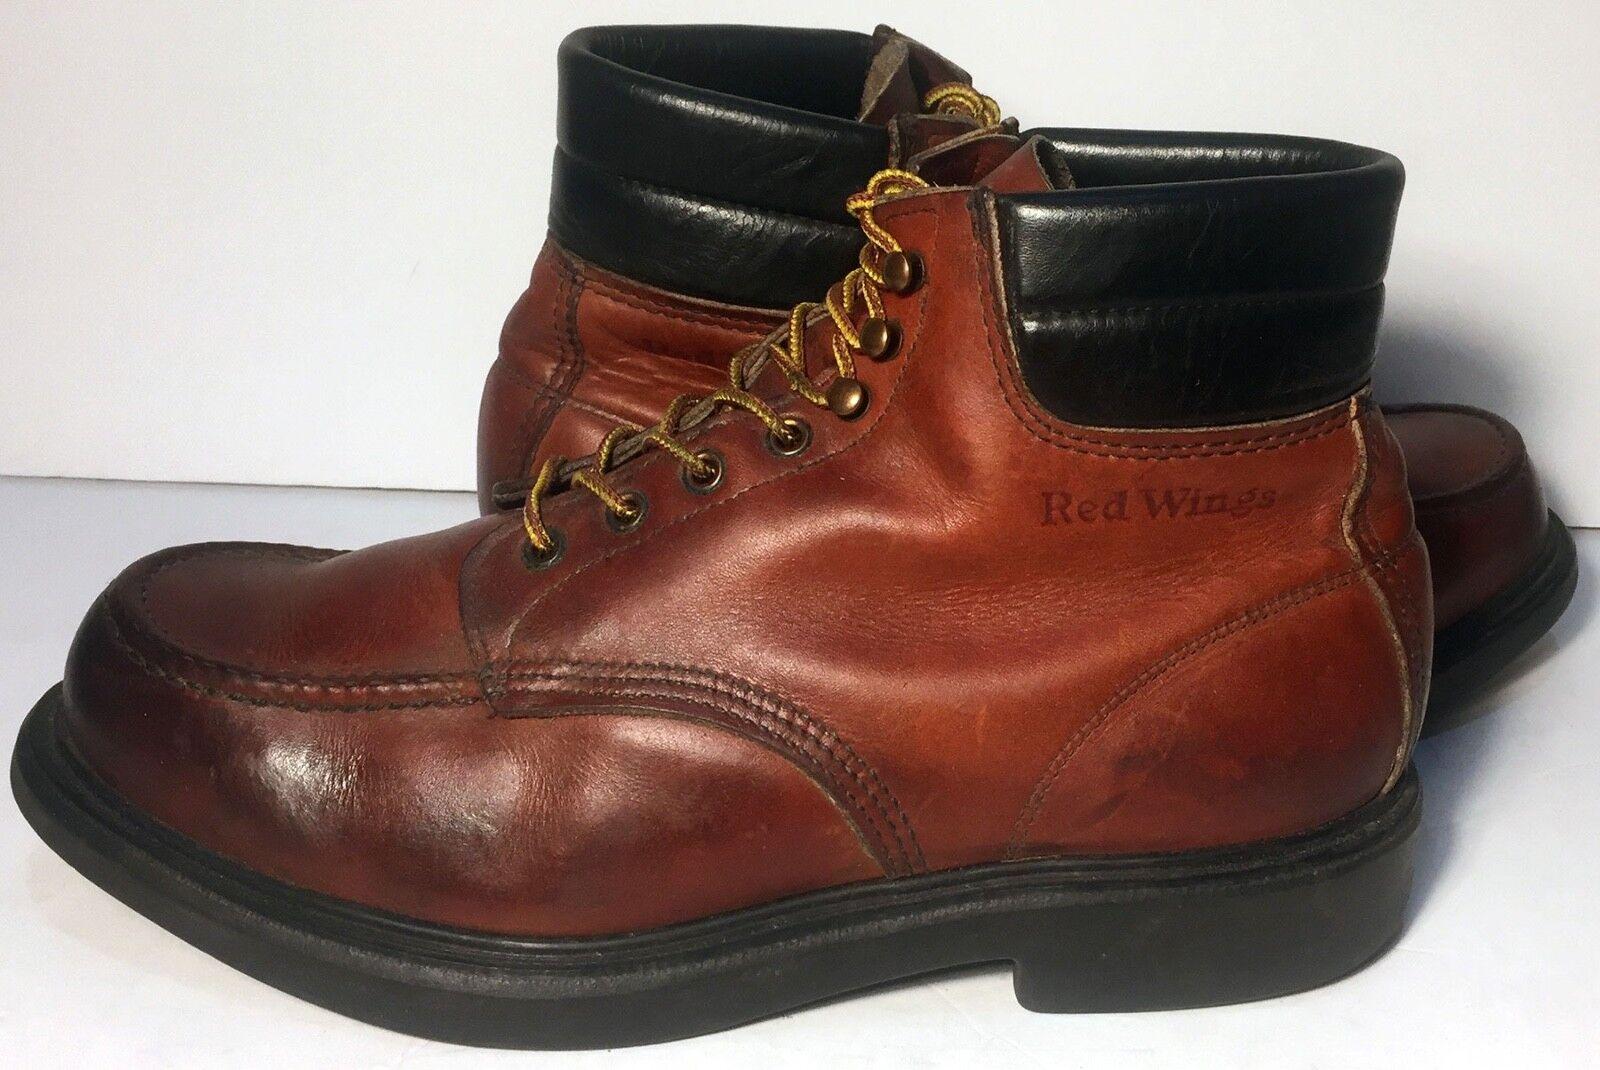 spedizione veloce e miglior servizio Red Wing Classic Moc Toe Marrone Marrone Marrone Leather Lace Up Military Work avvio Uomo Dimensione 10.5  godendo i tuoi acquisti